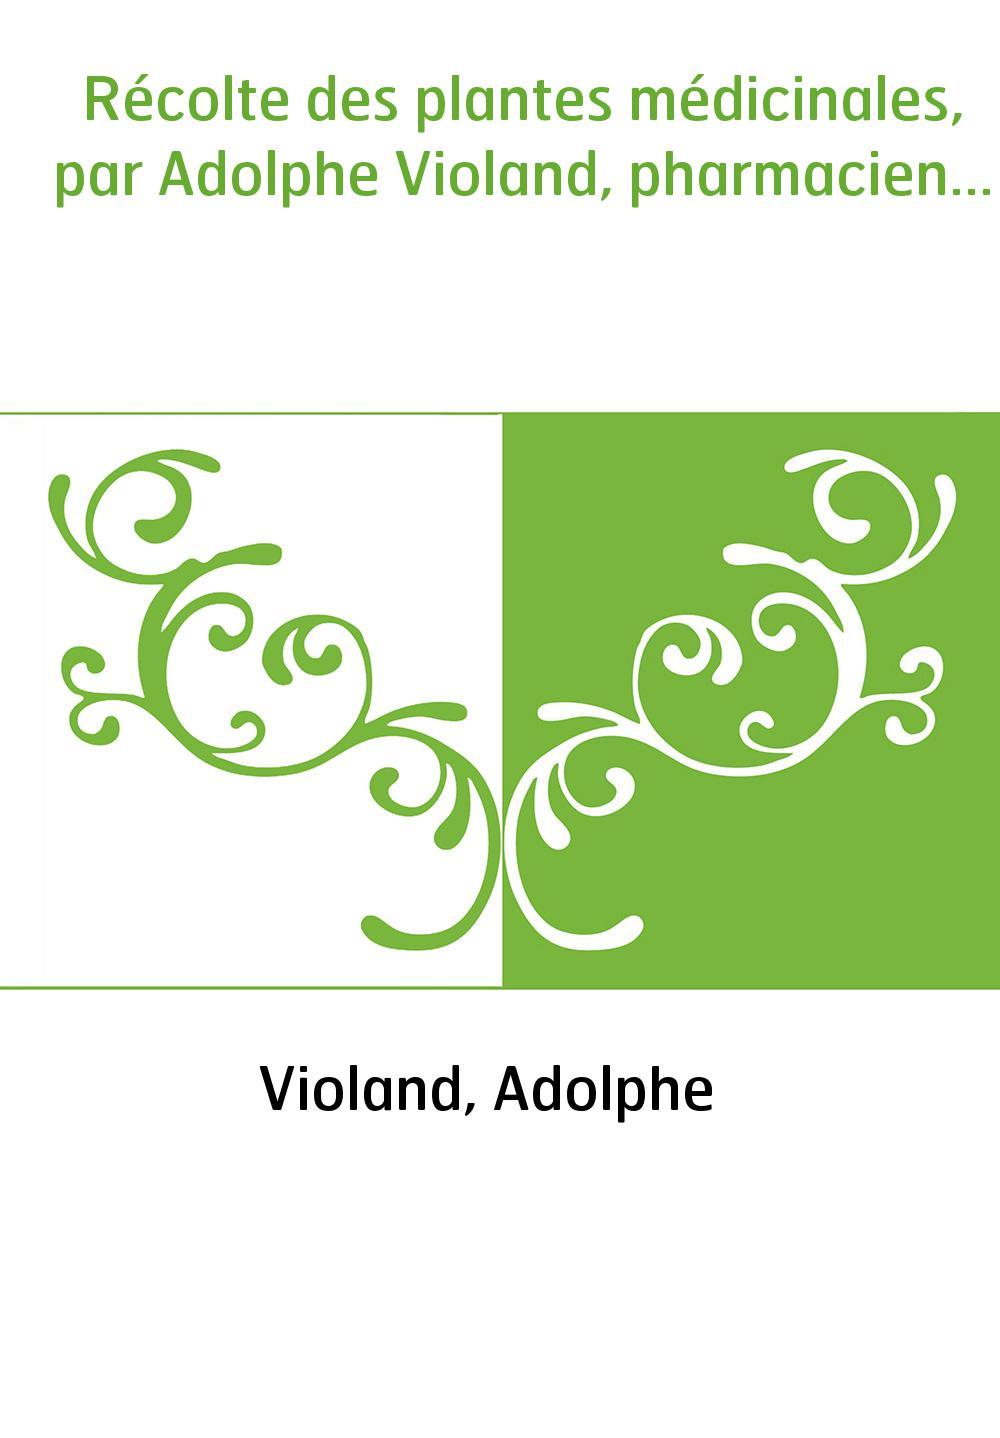 Récolte des plantes médicinales, par Adolphe Violand, pharmacien...